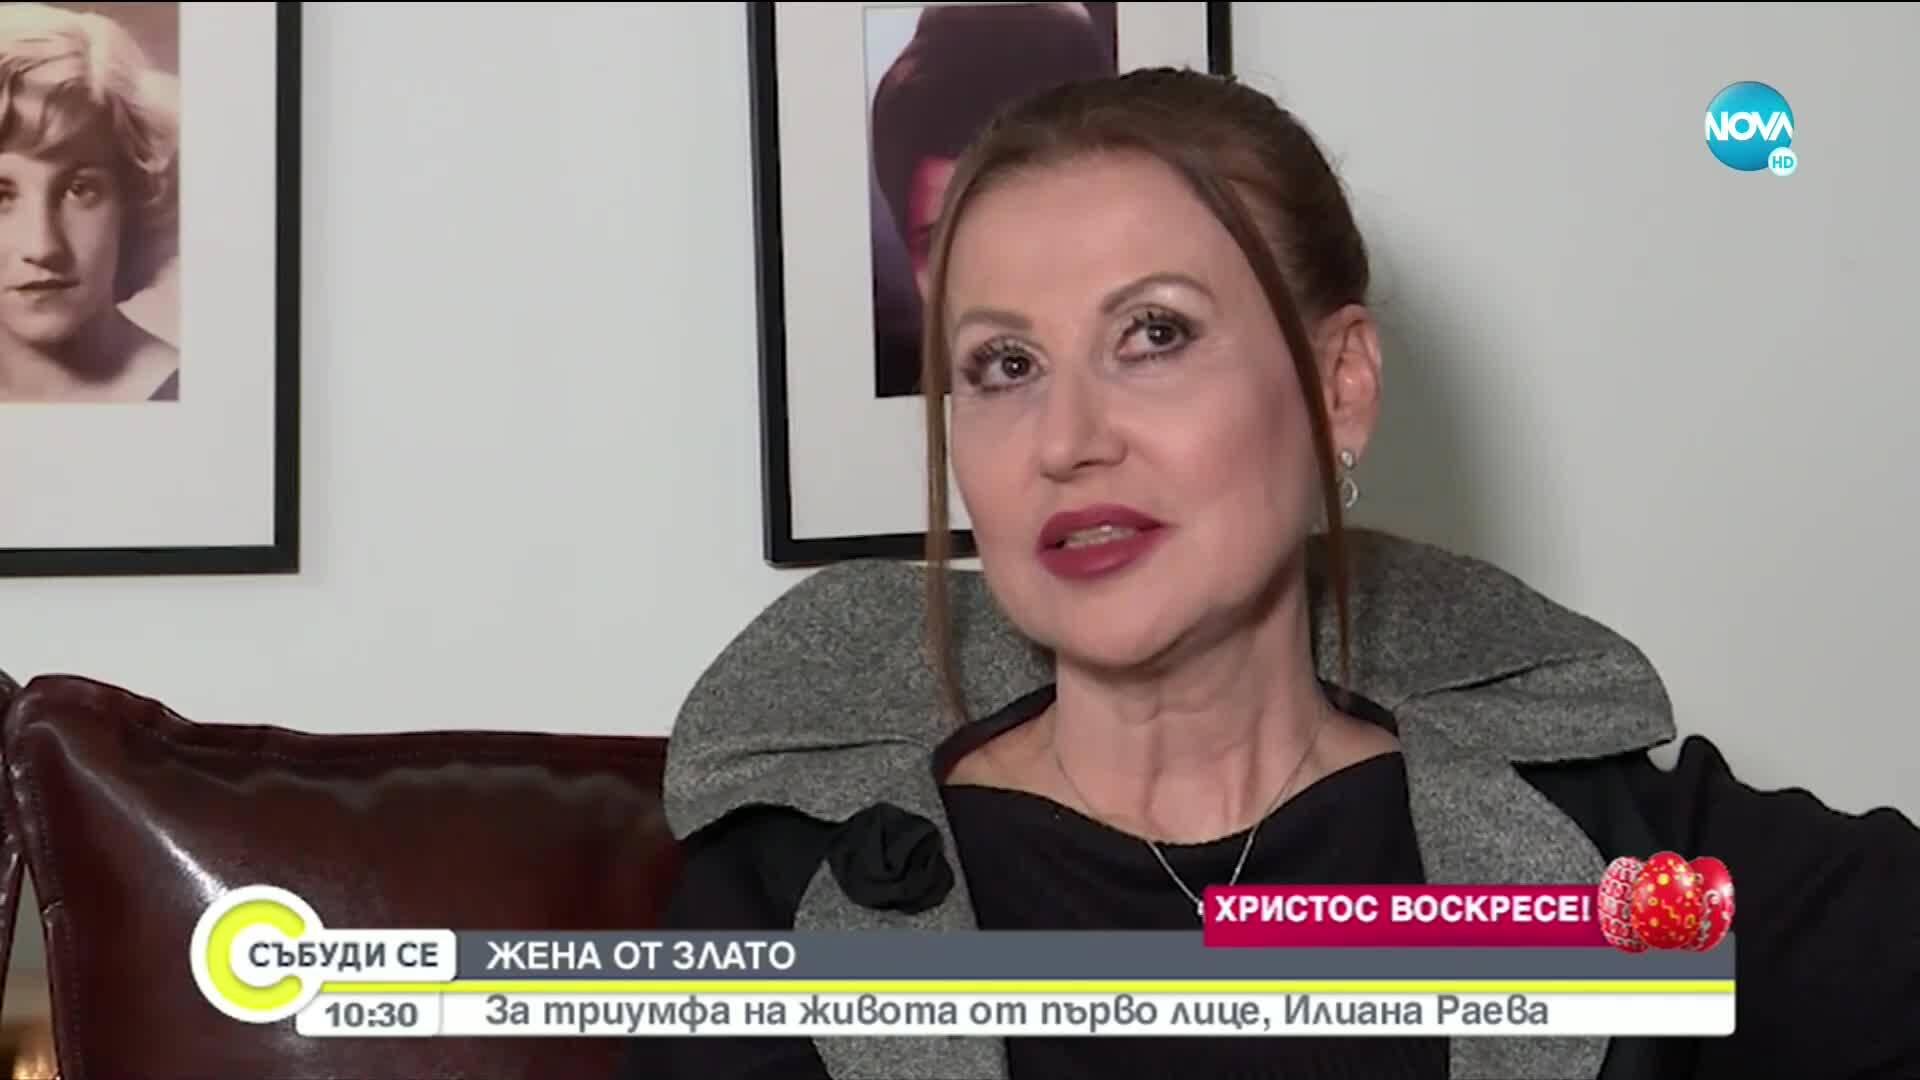 Илияна Раева: Цялото ми семейство се зарази с COVID-19, аз го изкарах най-тежко